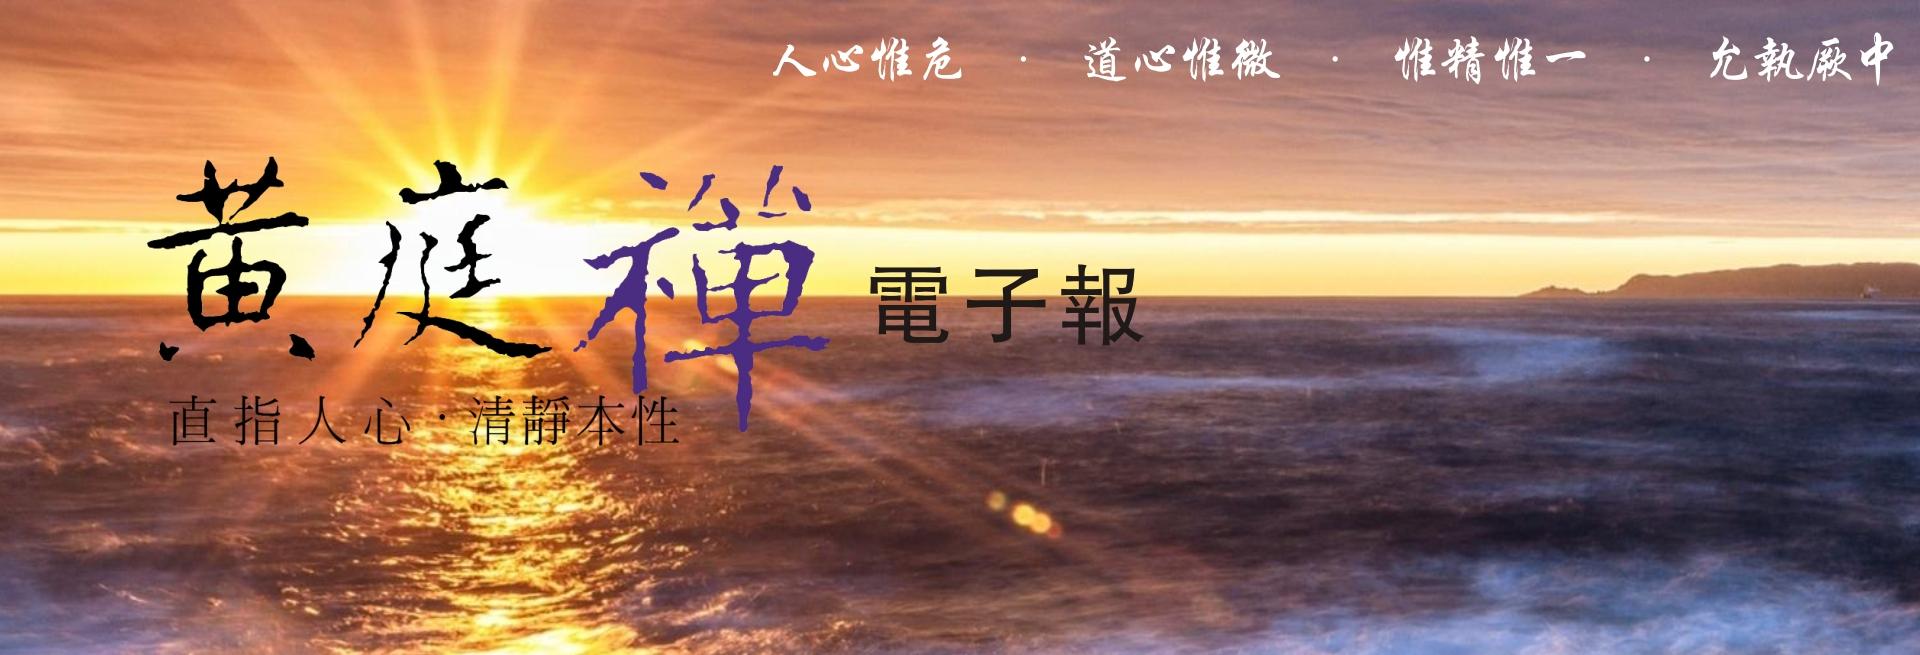 中華黃庭禪學會2020.11.21電子報